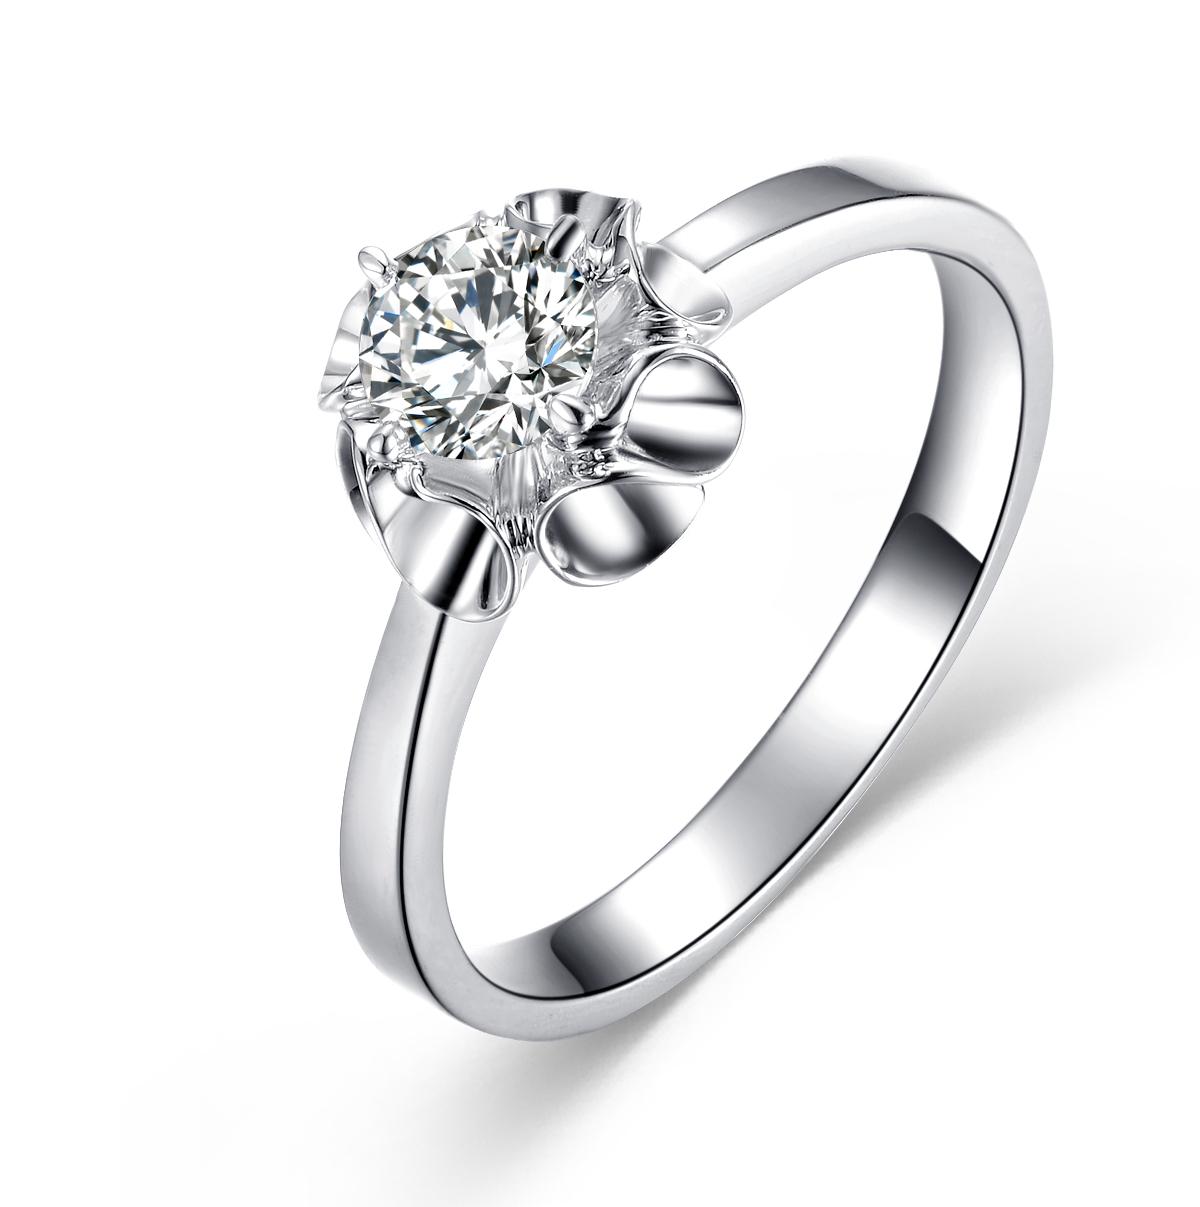 》》点击进入【慕晴】 白18K金35分/0.35克拉钻石女士戒指